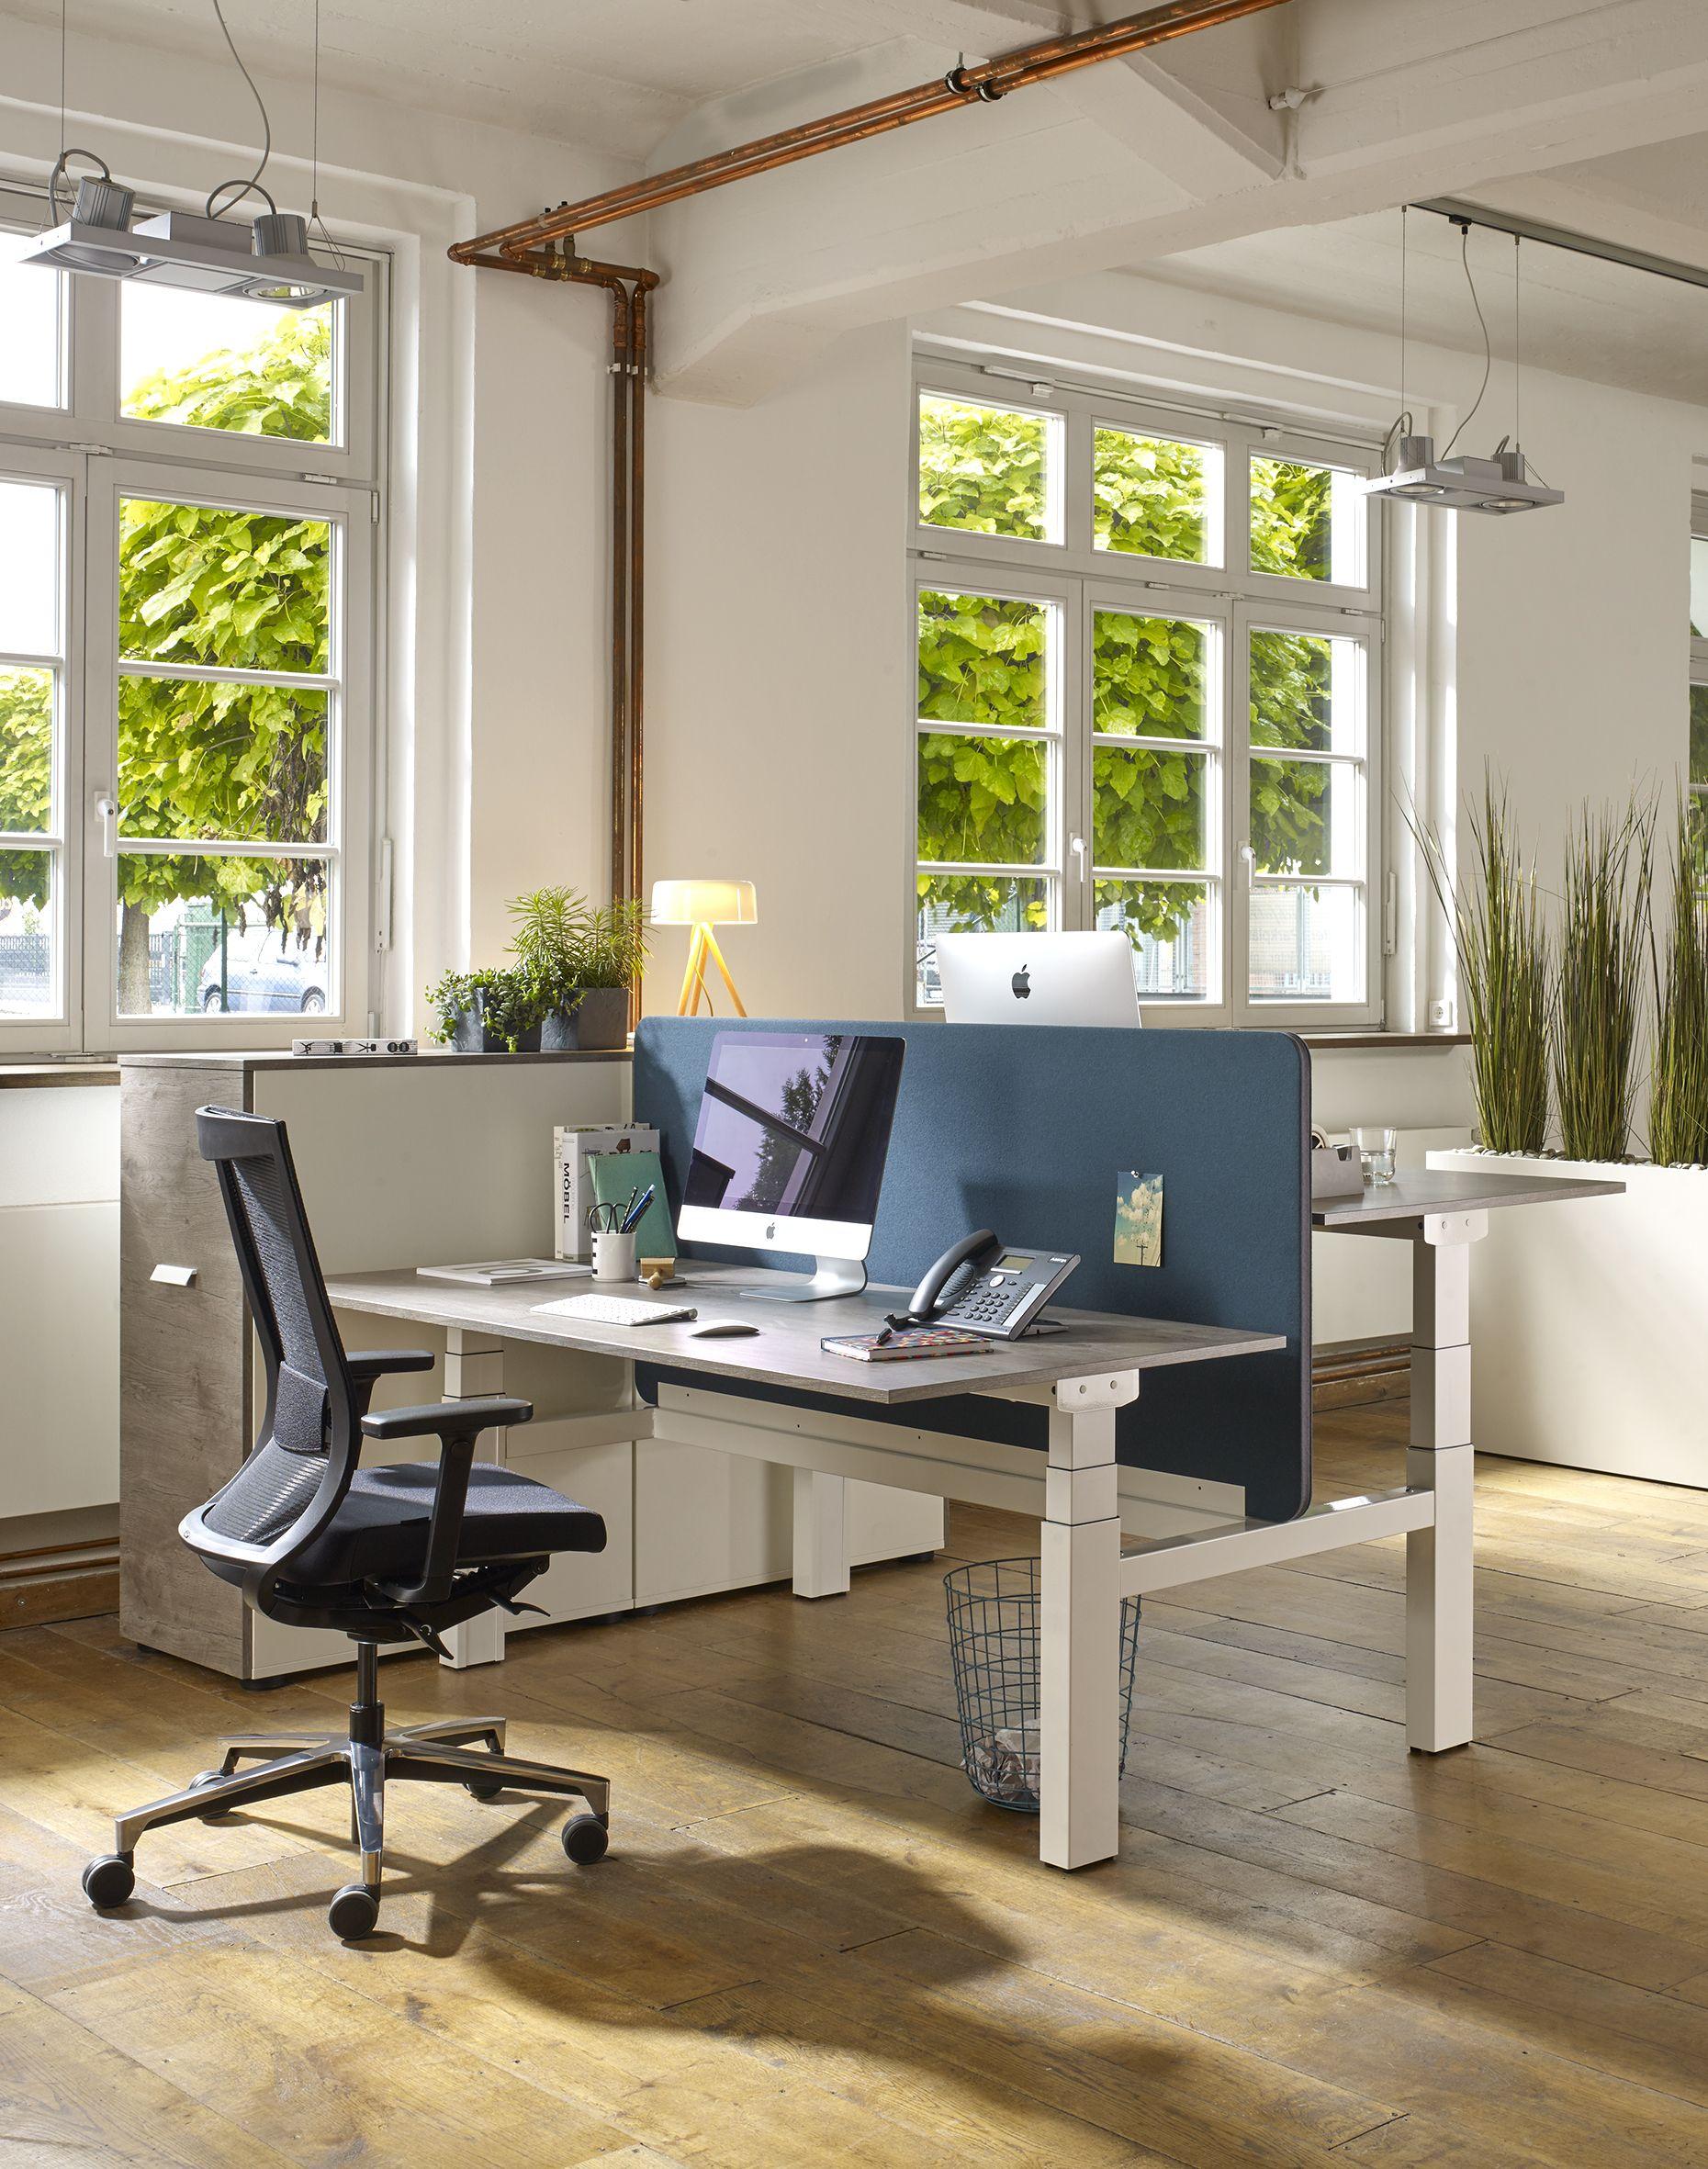 Ergonomie im Büro – das Design Mobiliar von Febrü macht Ihren Arbeitsplatz zum Wohlfühlbüro und schafft modernen Raum für Kreativität & produktives Arbeiten